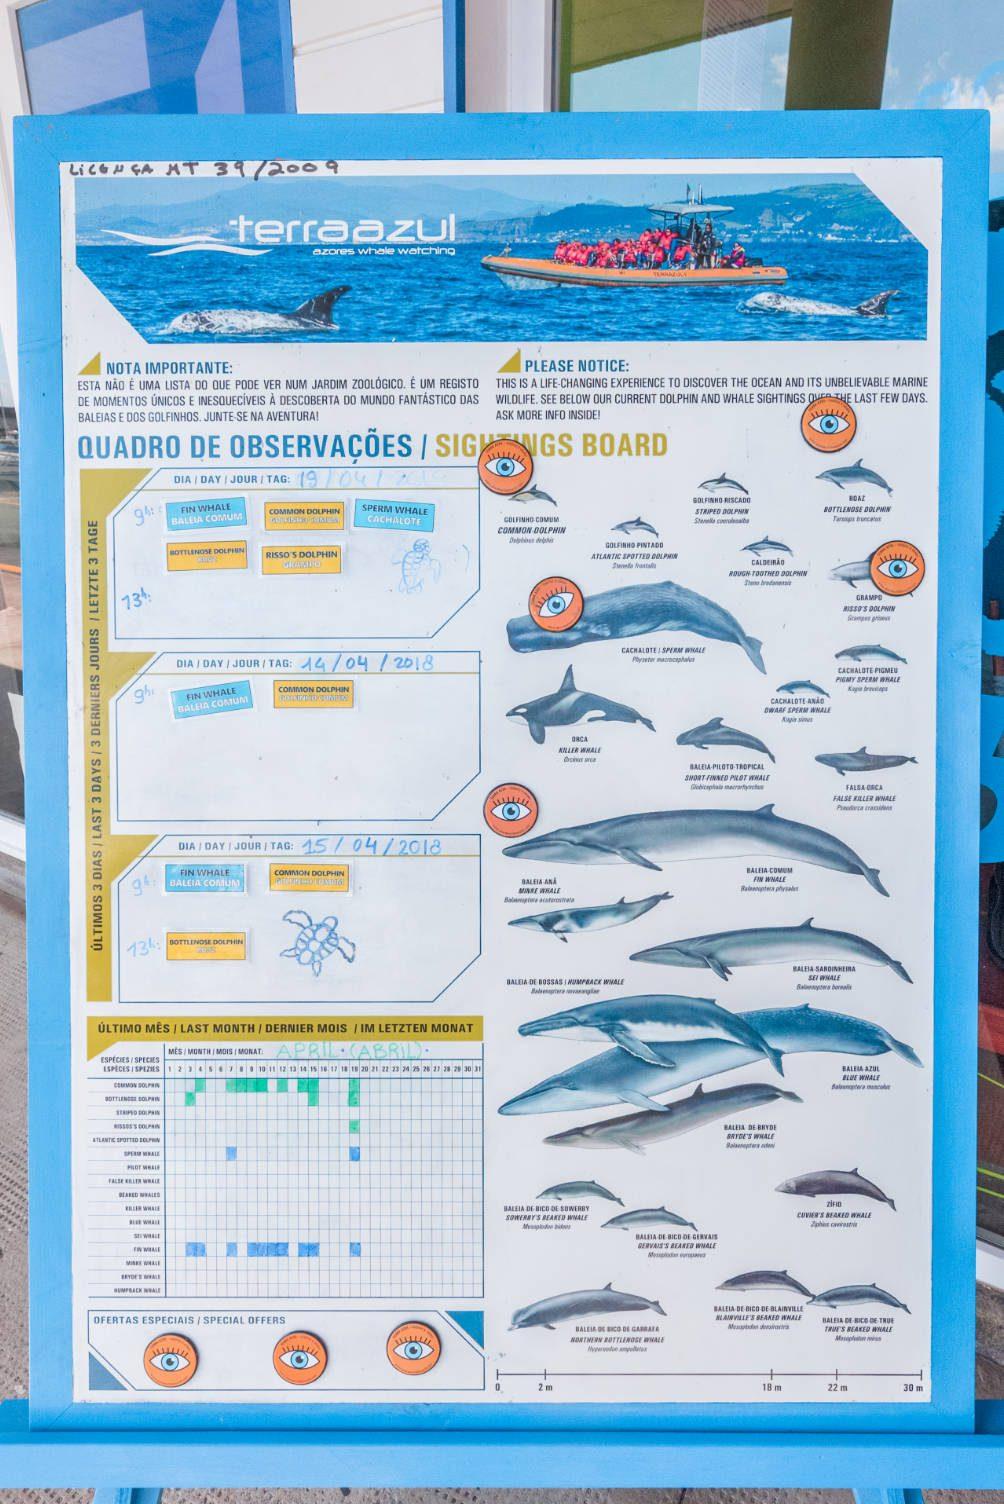 alle walvissen azoren